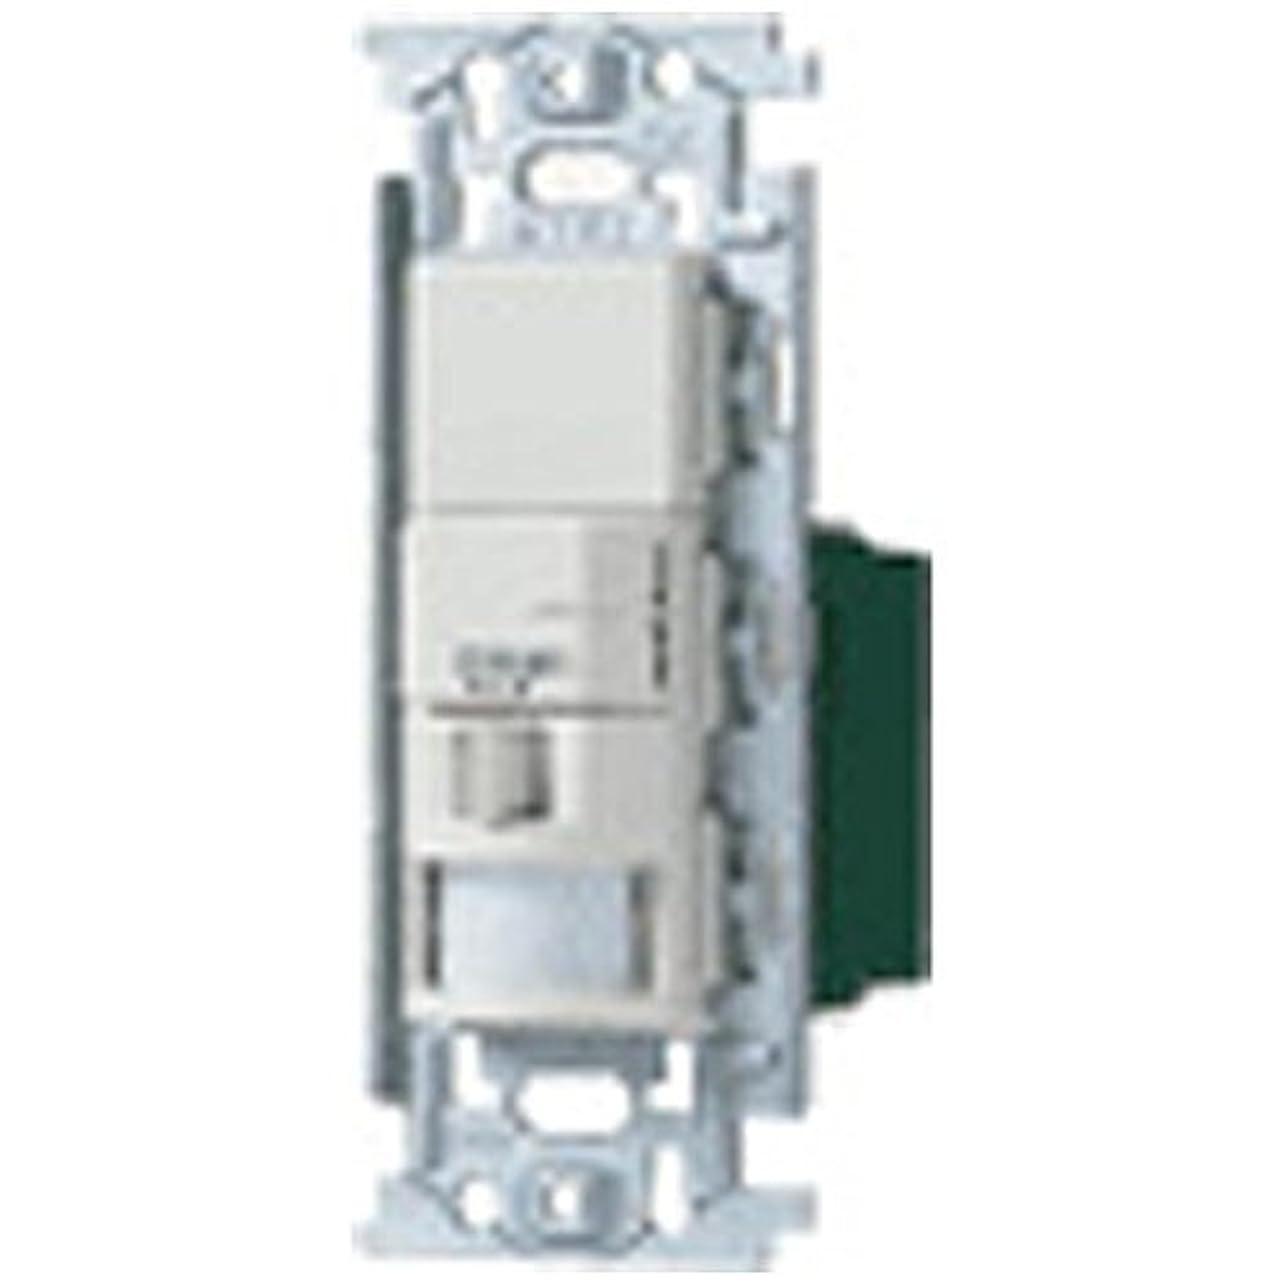 ロマンチック誤解する罪人パナソニック(Panasonic) かってにスイッチ 壁取付熱線センサ付自動スイッチ ブランクチップ付 WN5622K